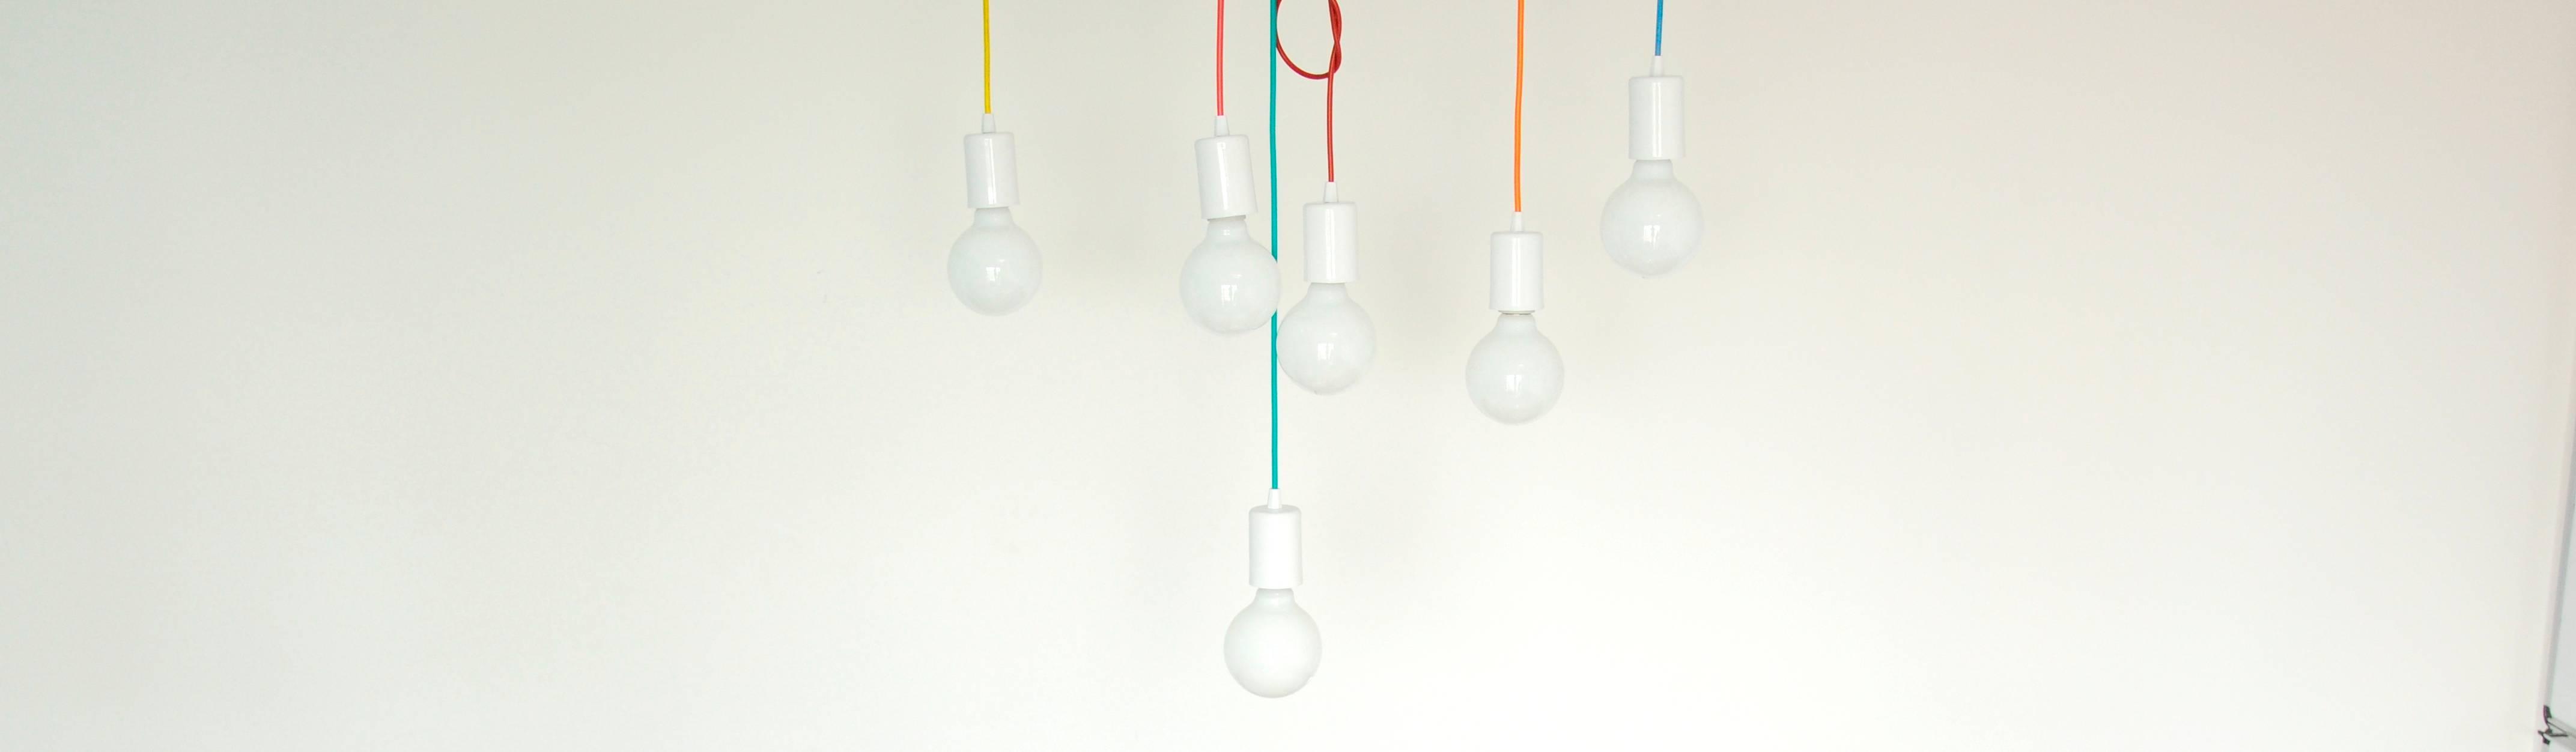 Cromalux Sistemas de Iluminação Ltda